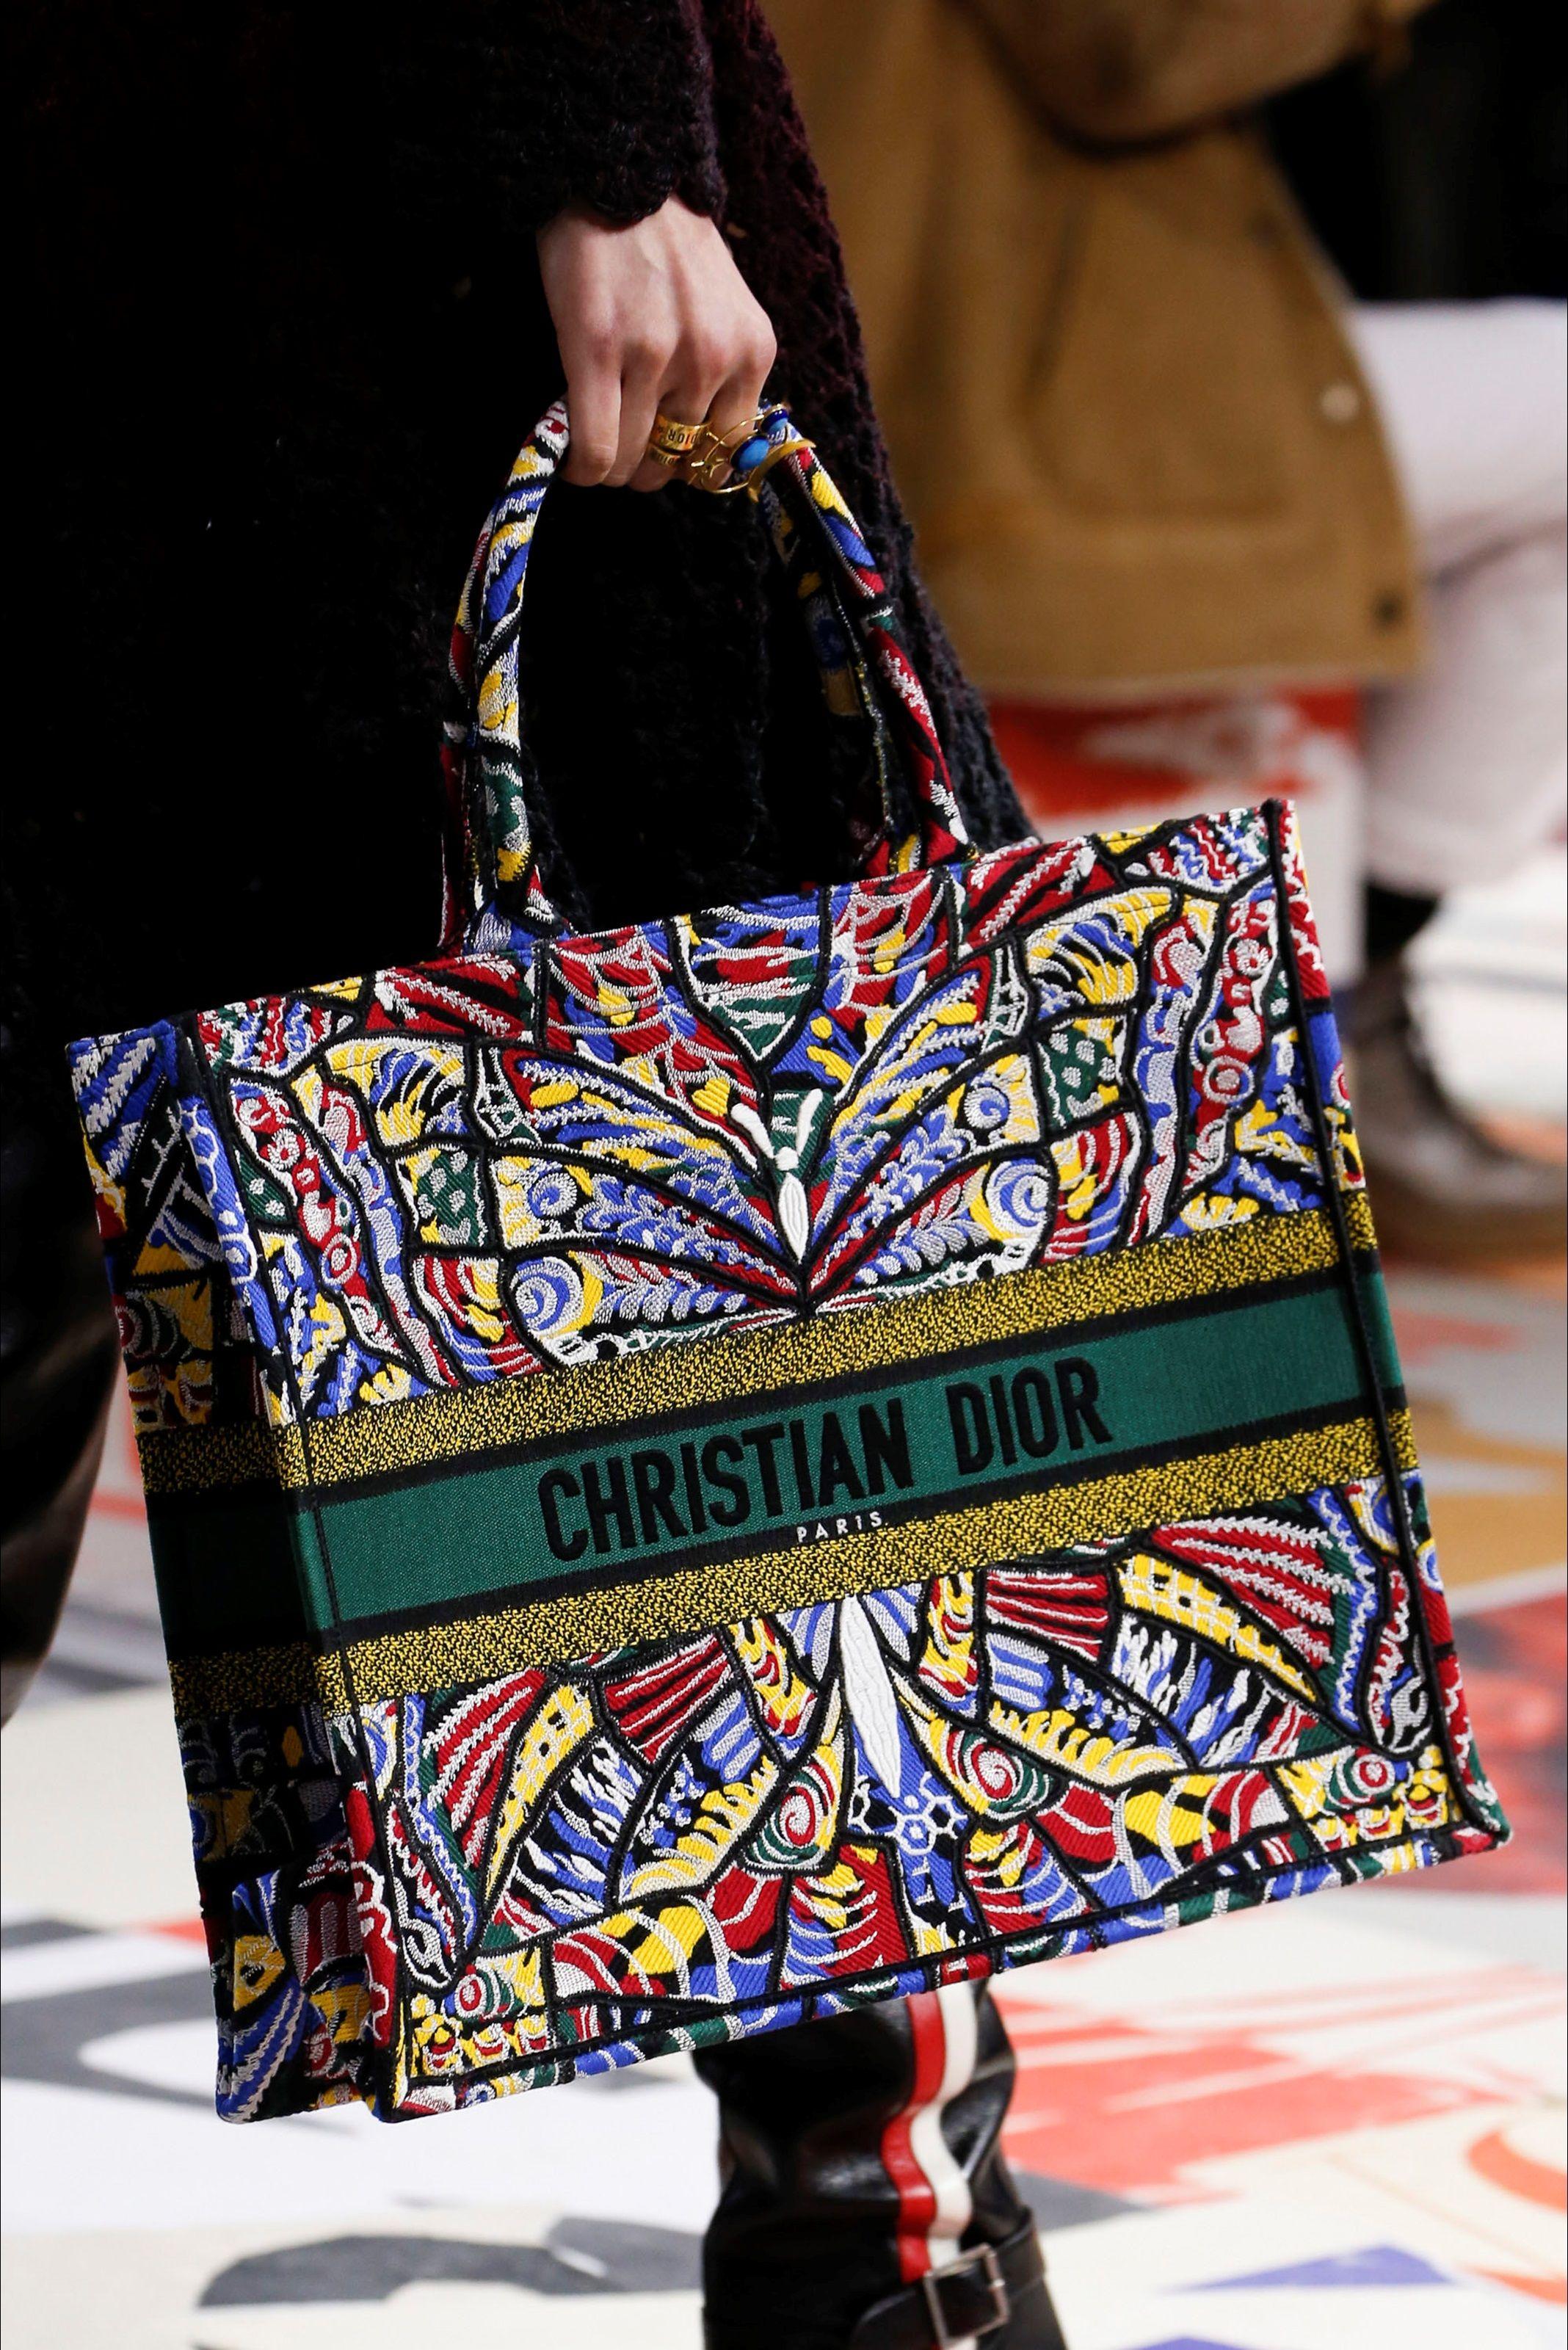 5d68ed7437ac Christian Dior Otoño Invierno 2018 2019 - Paris  Christiandior  pfw  fashion   readytowear